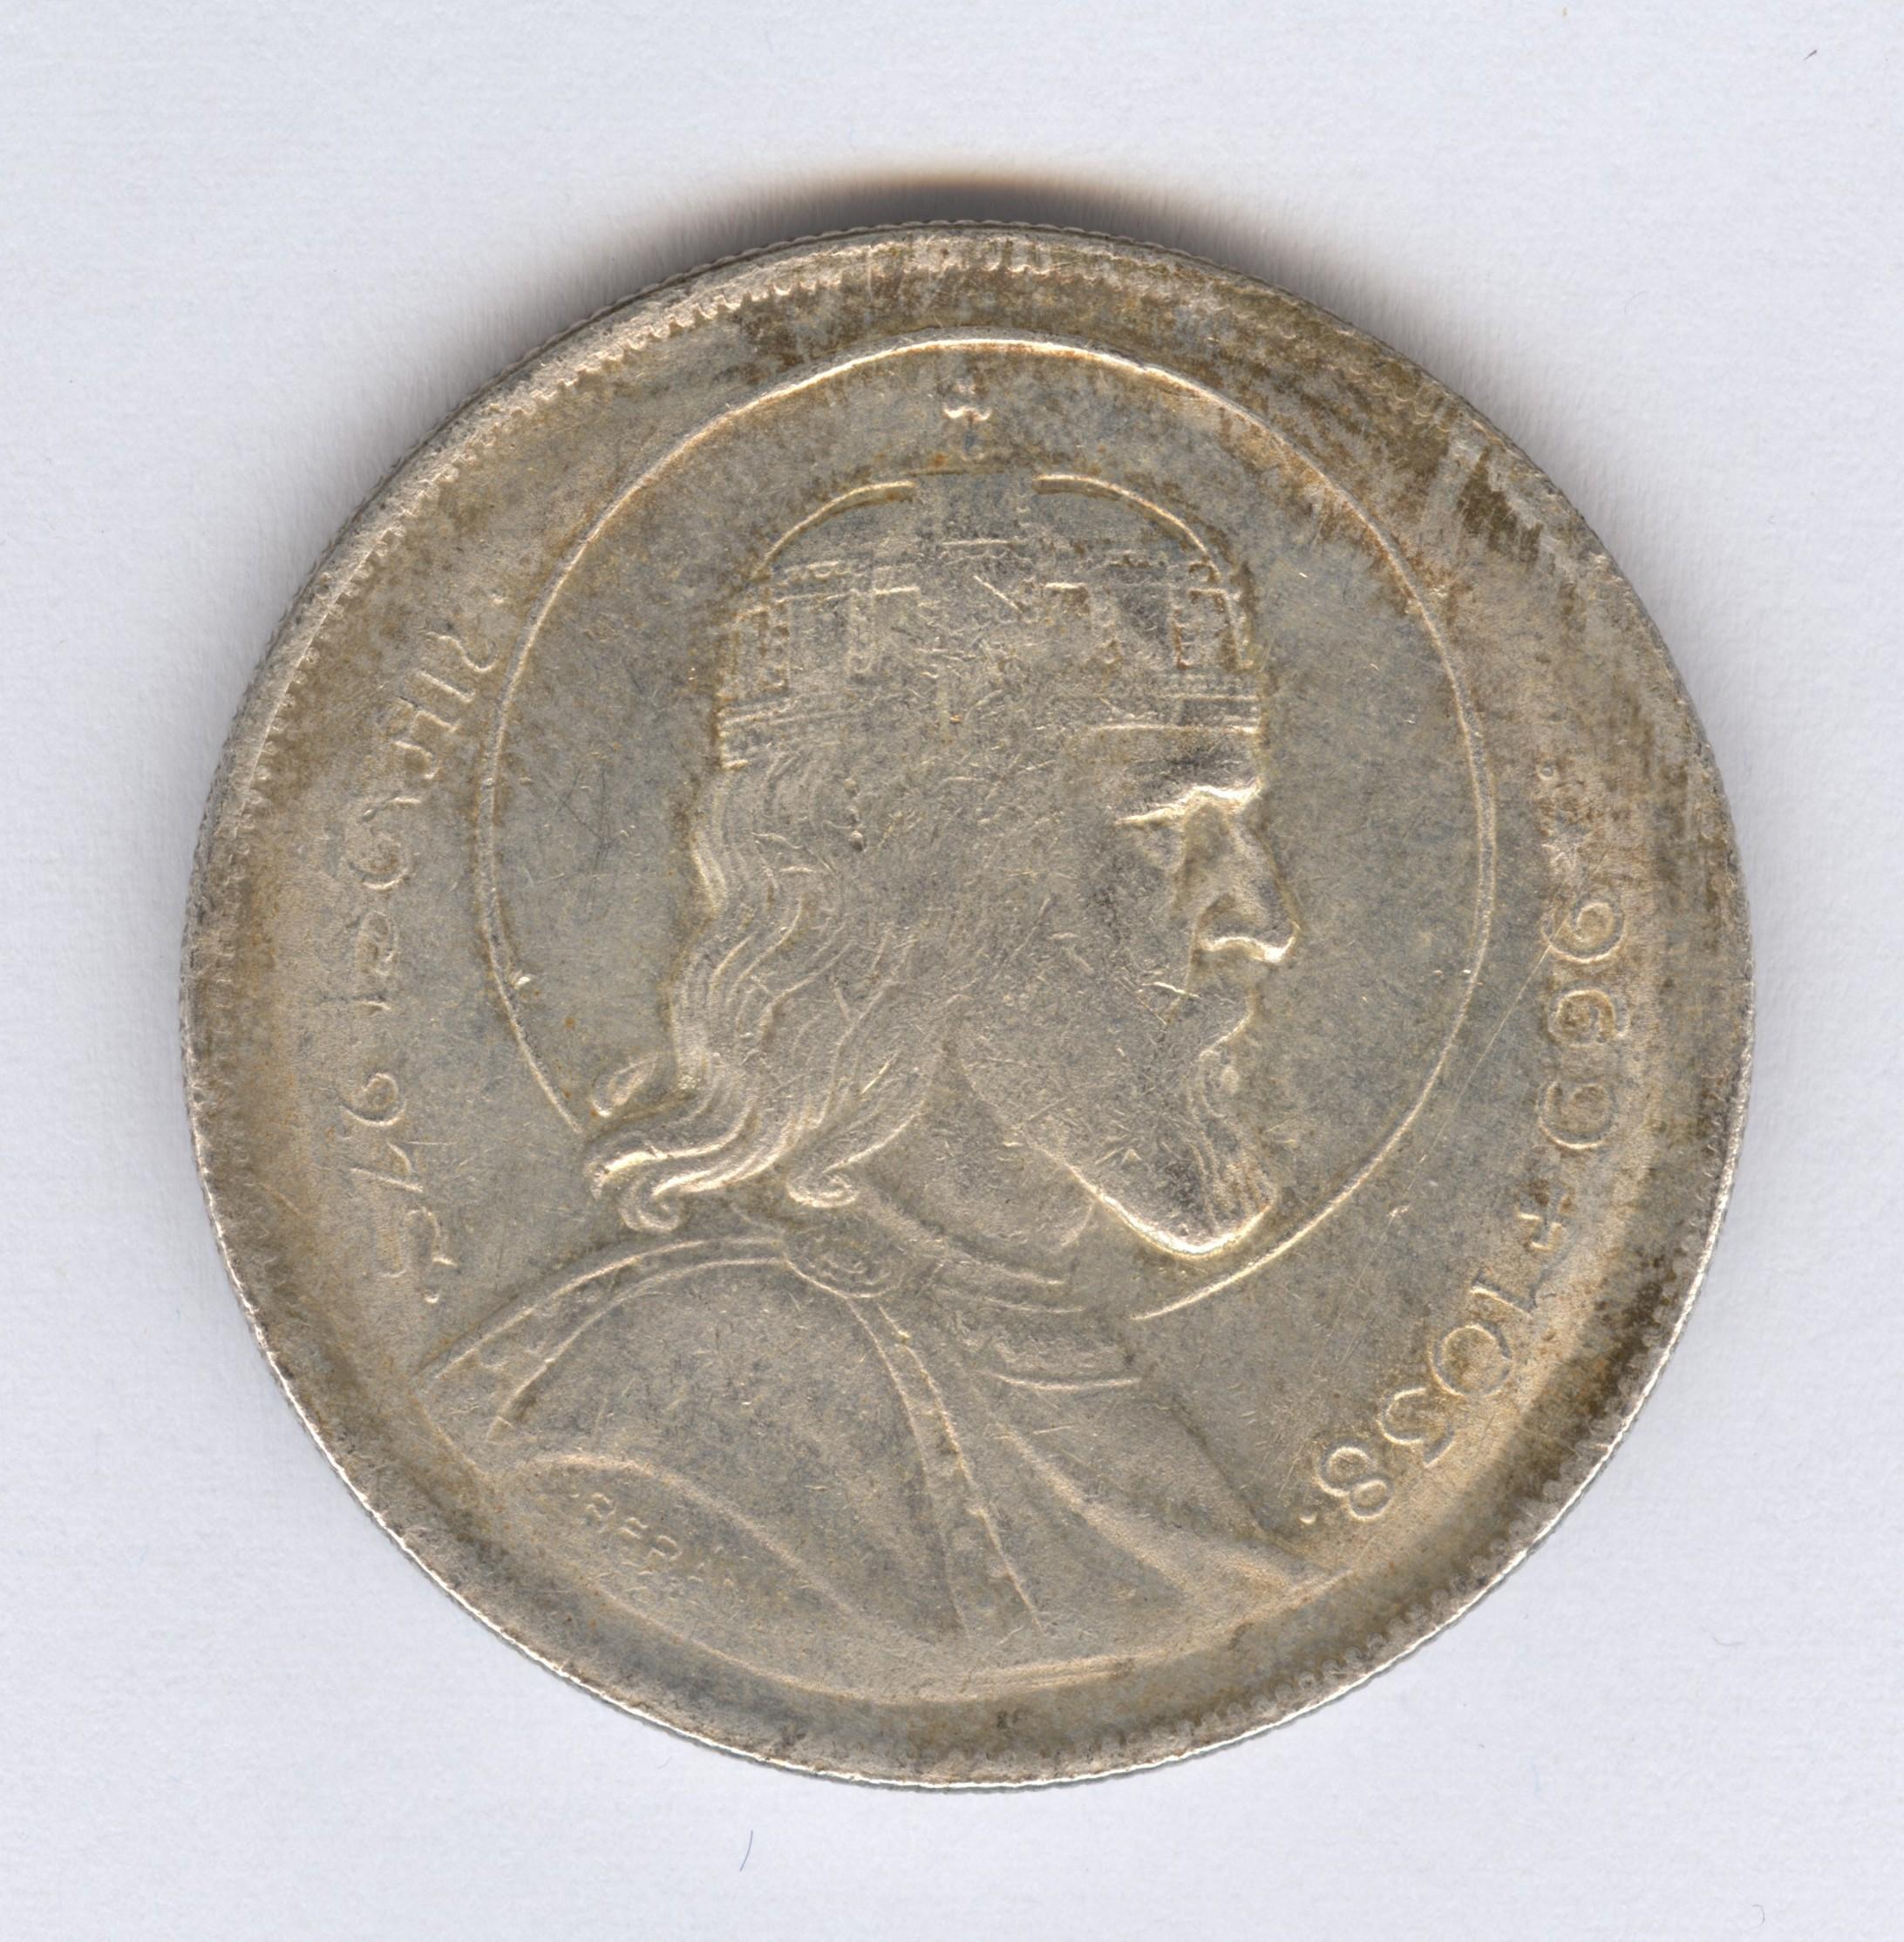 http://www.pengoportal.hu/hirek/1938-as-szent-istvan-5-pengo-reces-peremu-vas-masolata-kinabol-copy-replika-hamis/1938-as-szent-istvan-5-pengo-reces-peremu-vas-masolata-kinabol-copy-replika-hamis_02.jpg